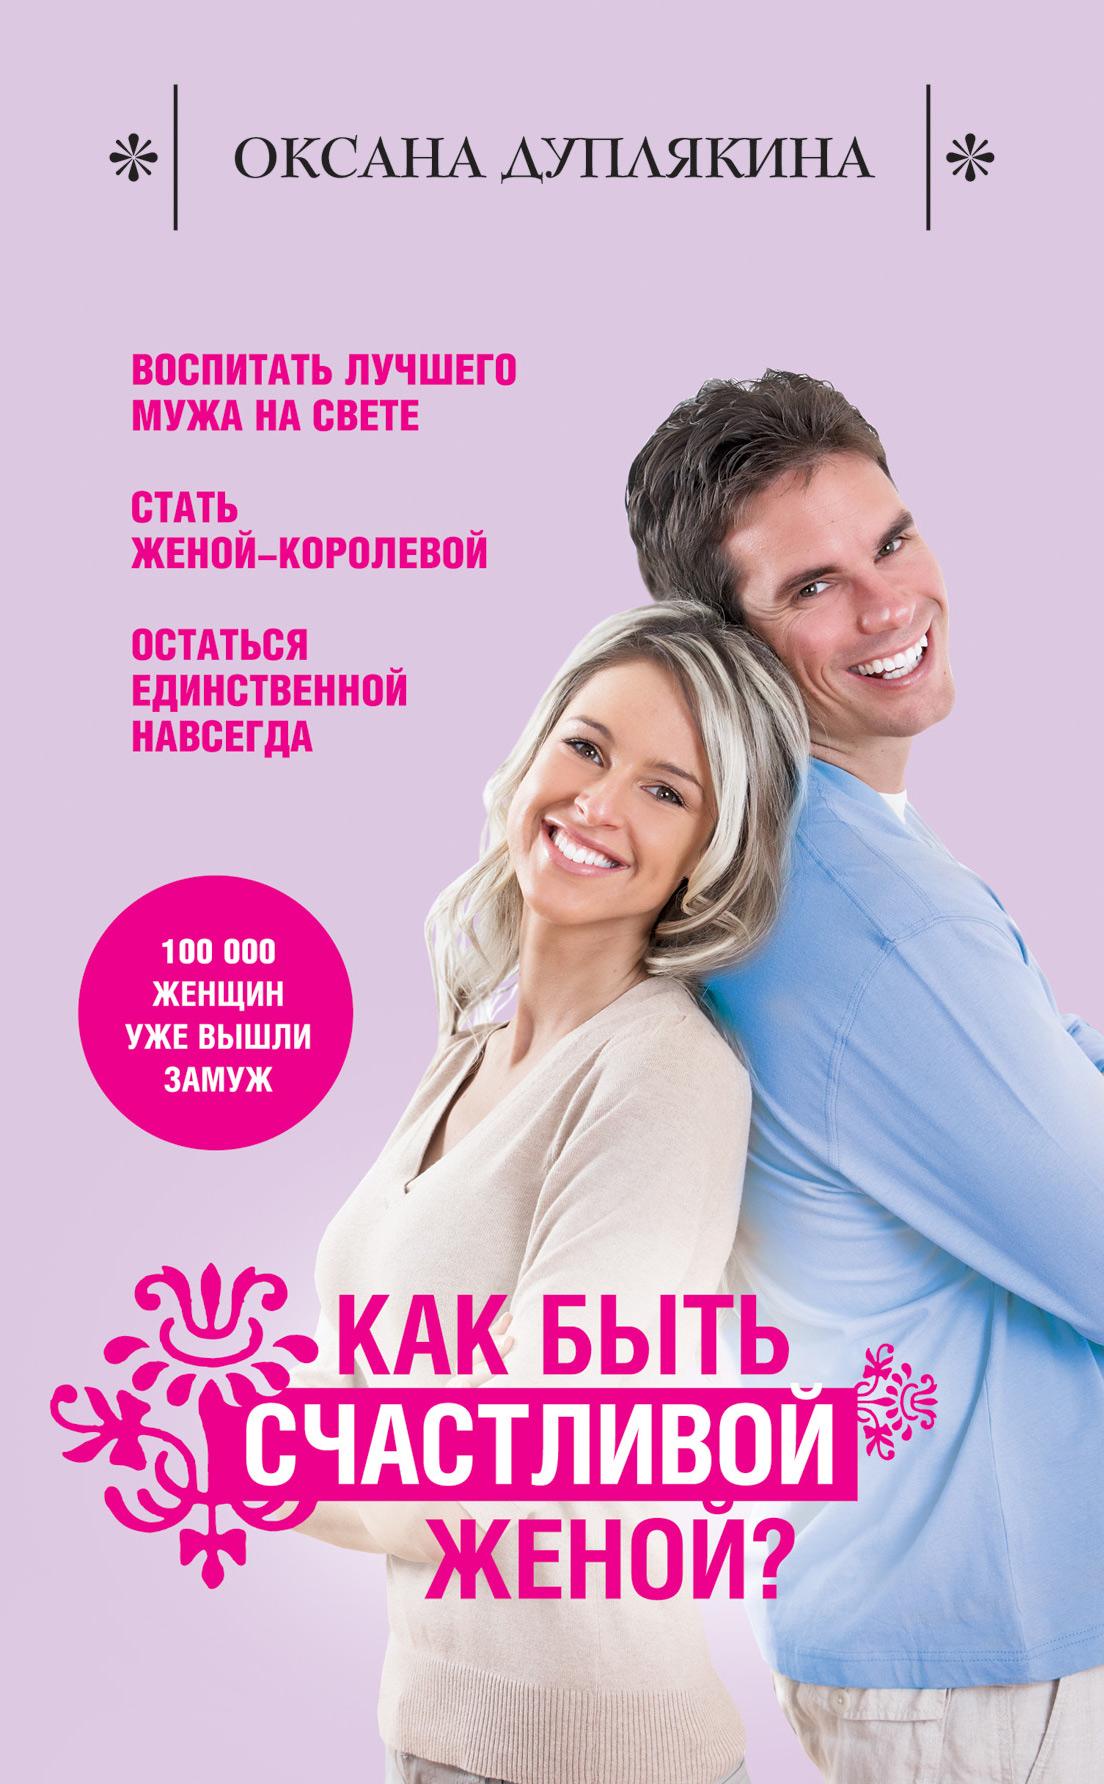 Оксана Дуплякина Как быть счастливой женой?